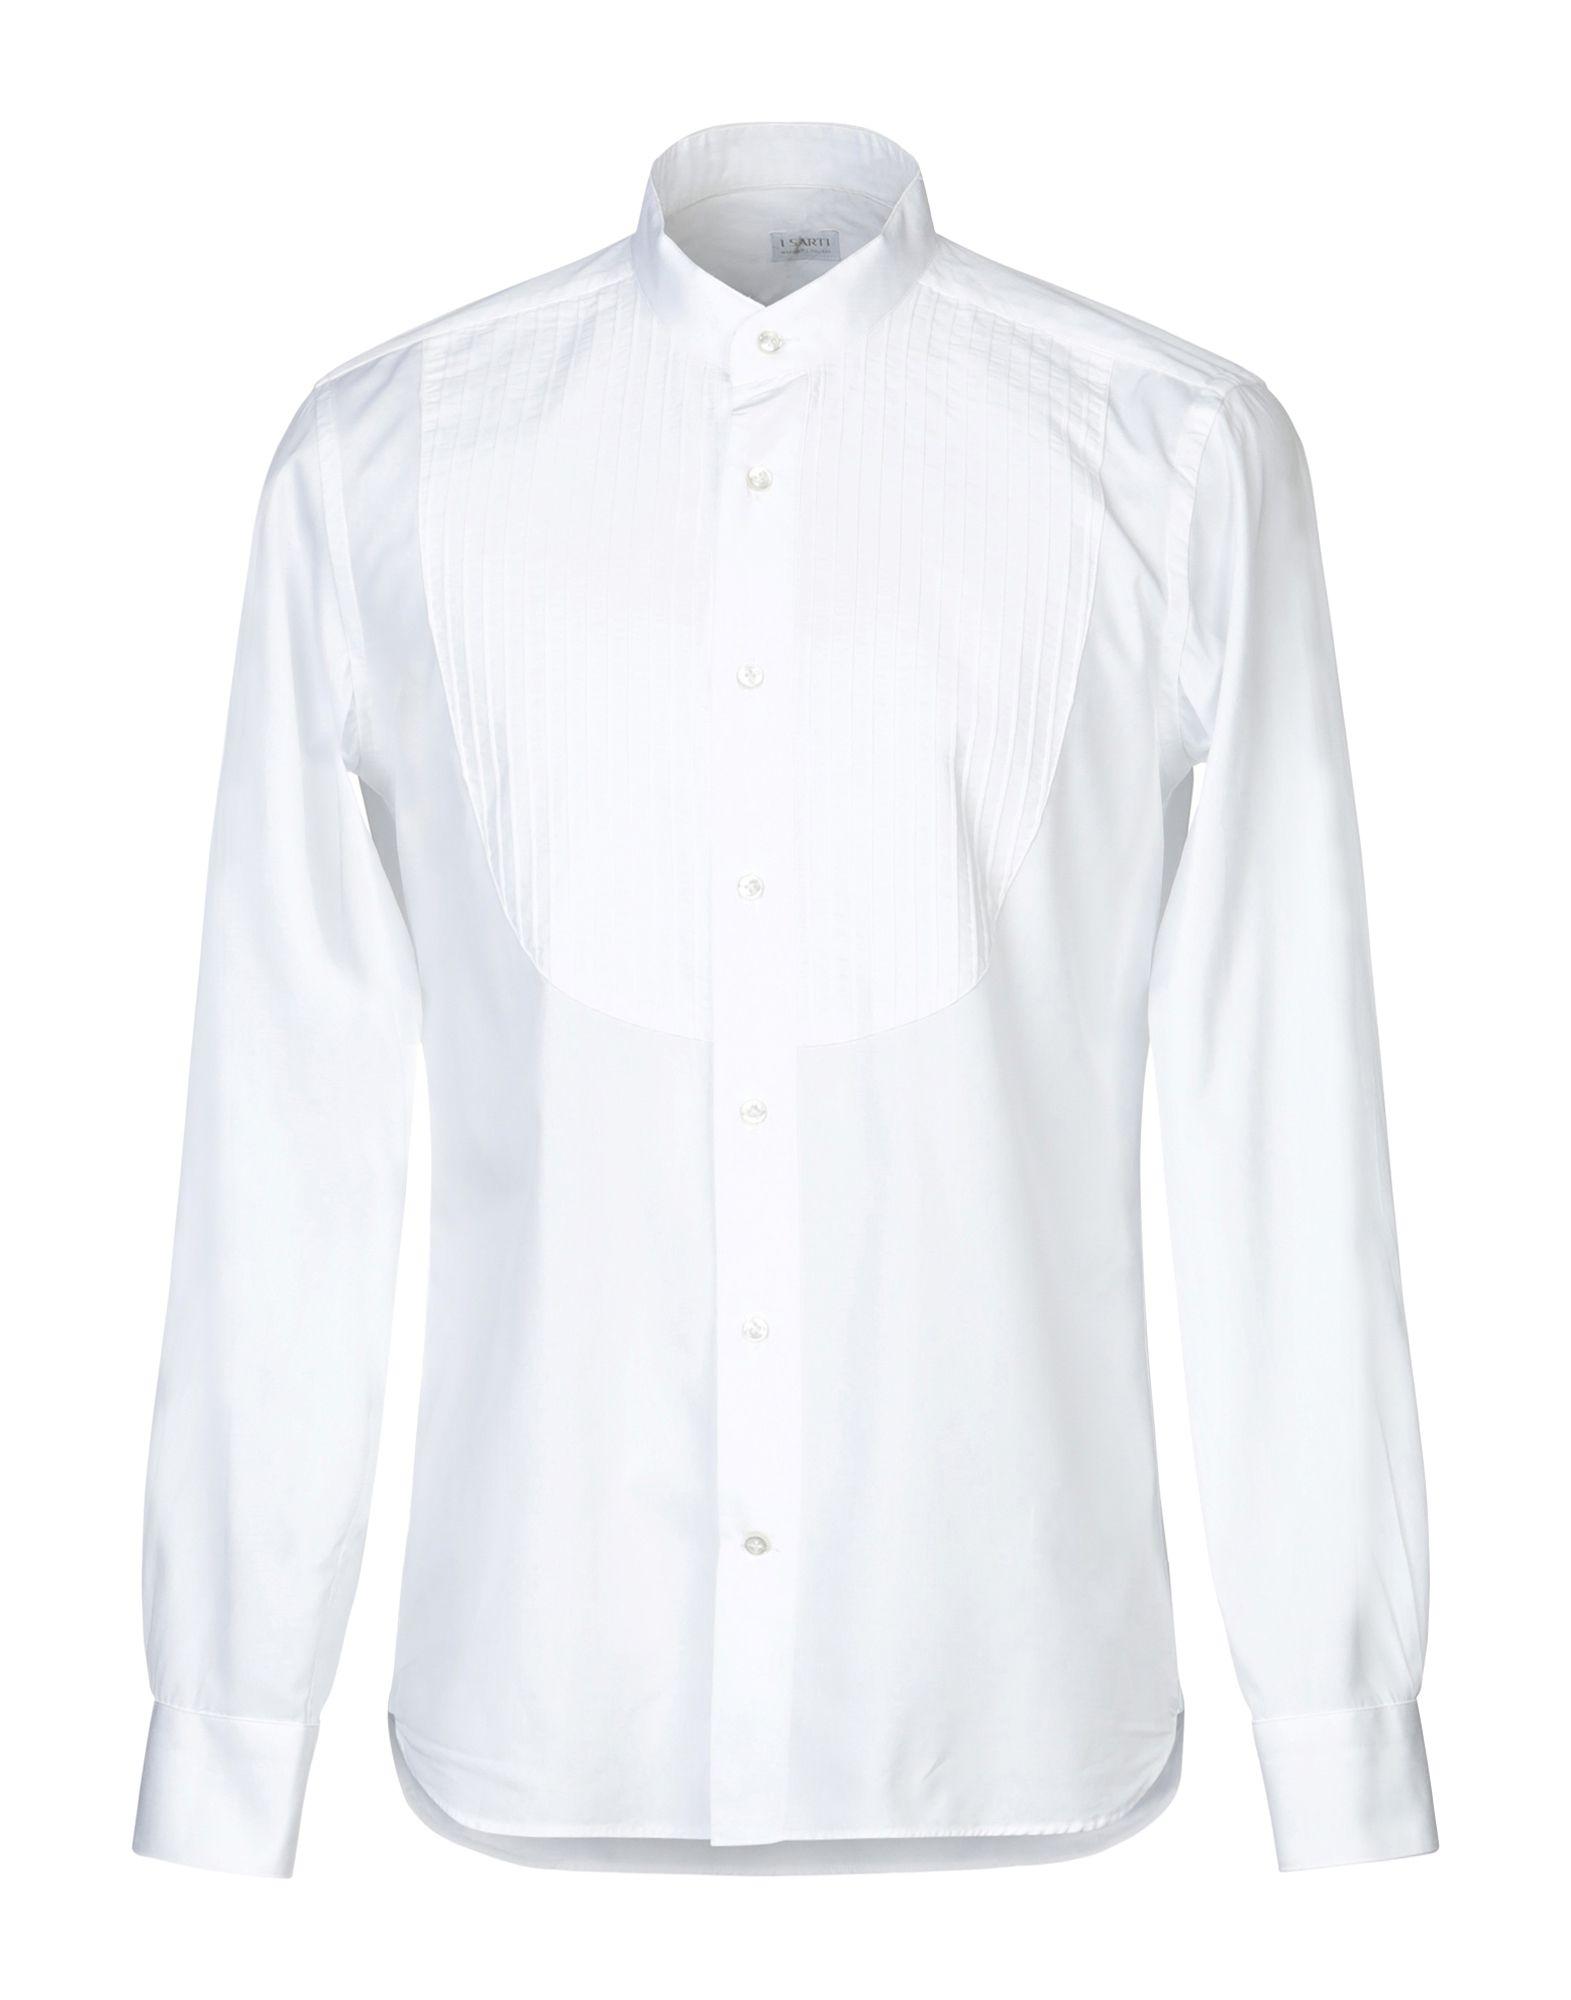 《期間限定セール中》I SARTI メンズ シャツ ホワイト 40 コットン 100%